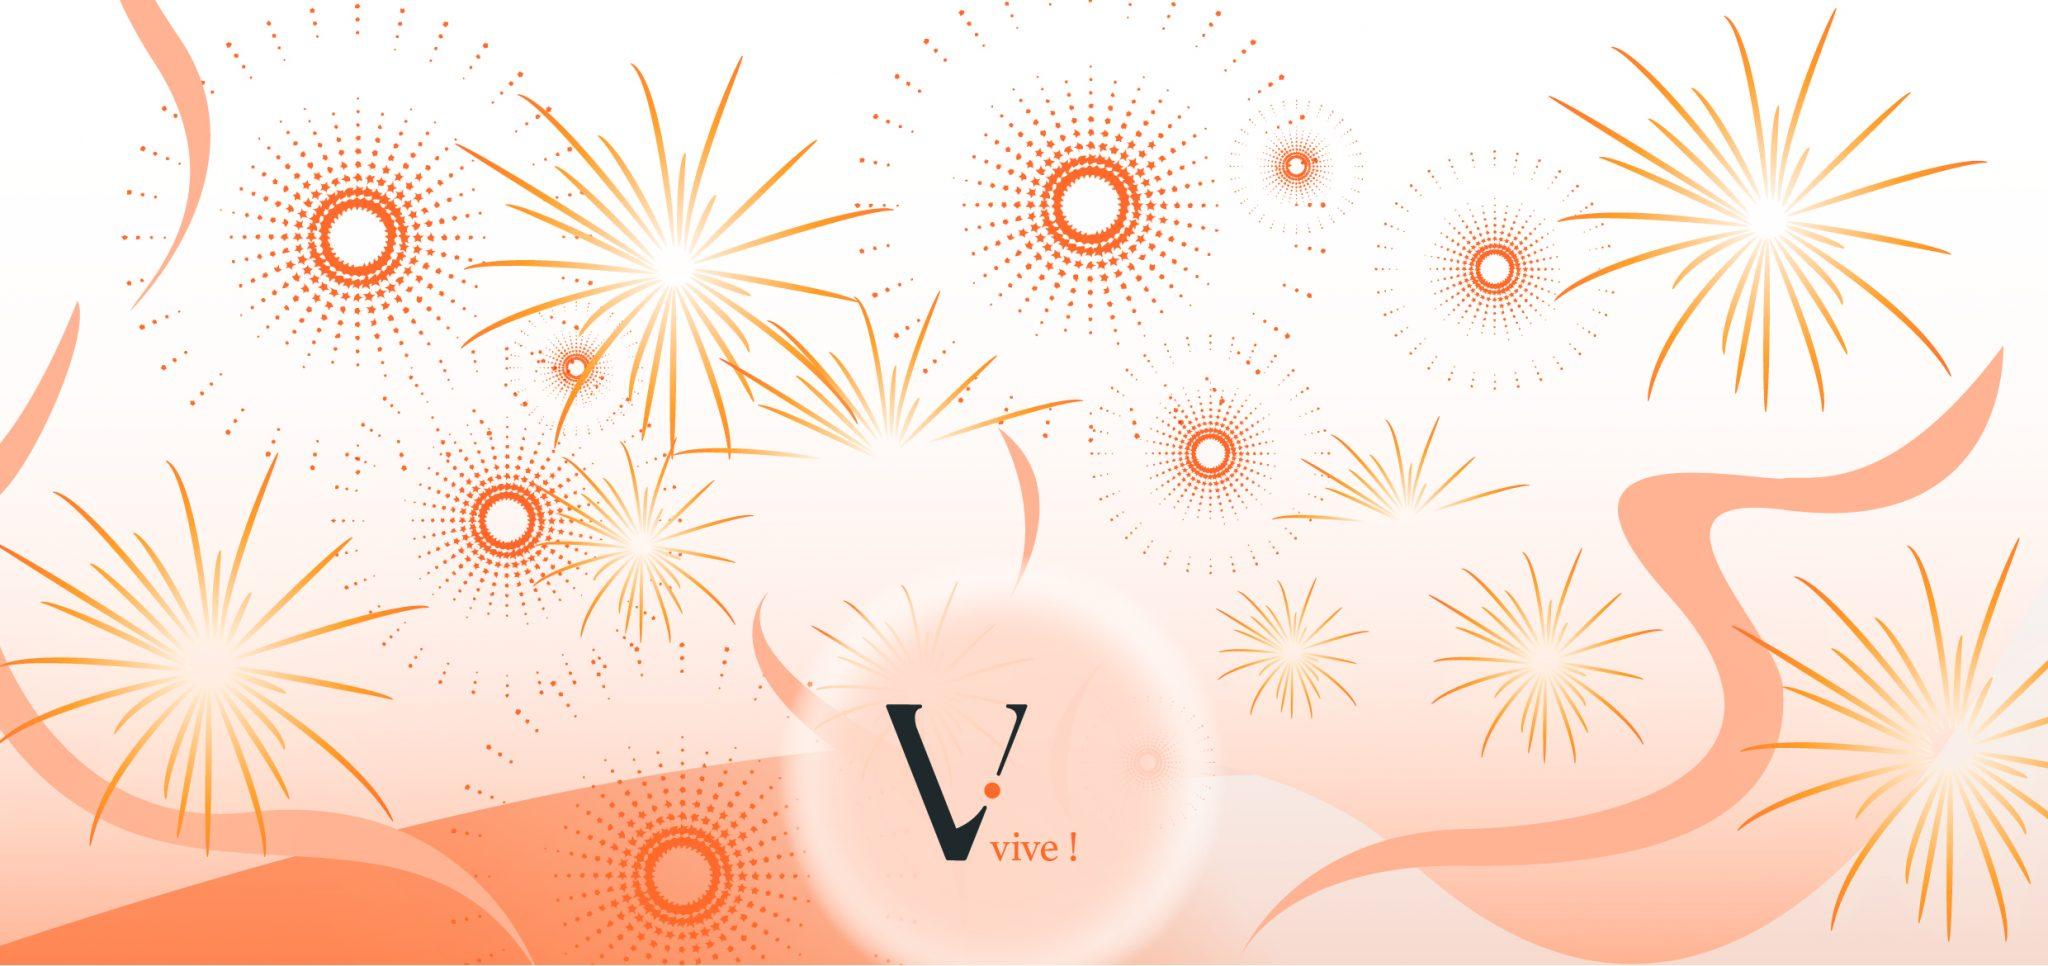 CLIENT: AGENCE VIVE / WE ARE TAKA Création d'une carte de voeux.